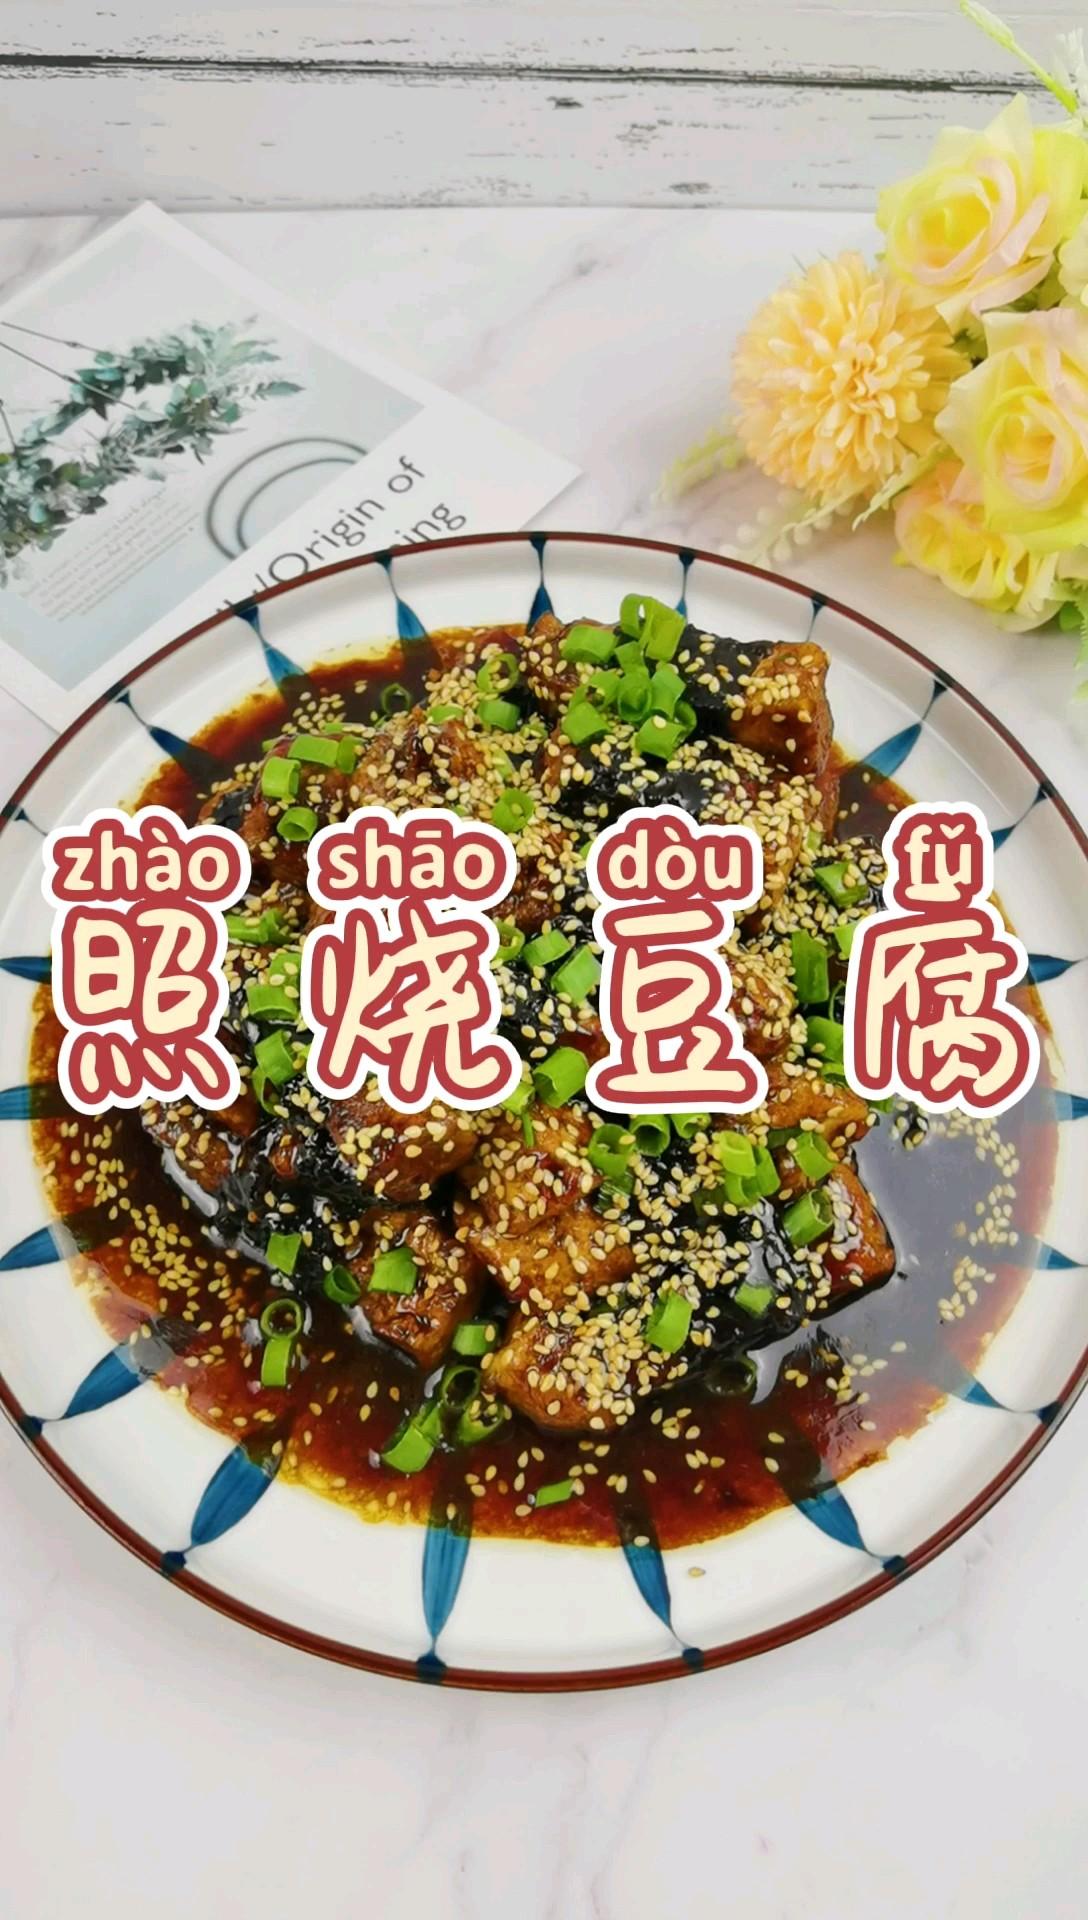 3块钱的豆腐做成日式风味美食-照烧豆腐,简单易做超下饭